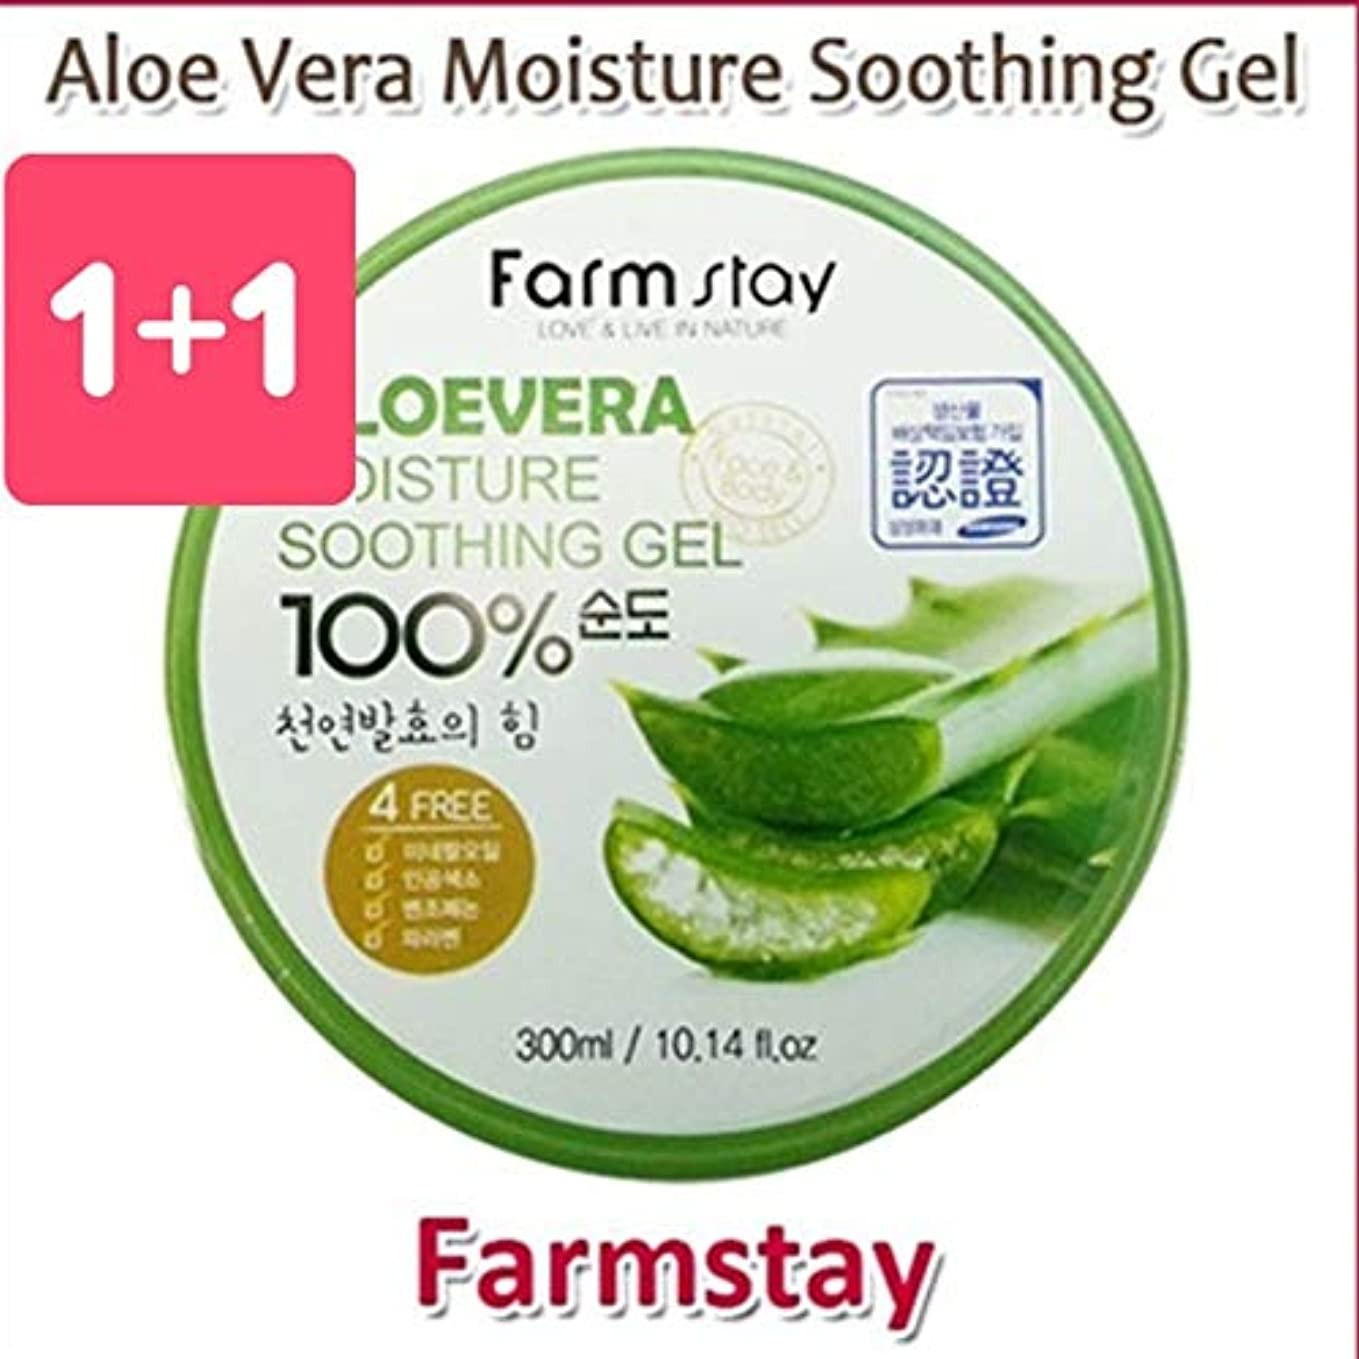 気性トレード船尾Farm Stay Aloe Vera Moisture Soothing Gel 300ml 1+1 Big Sale/オーガニック アロエベラゲル 100%/保湿ケア/韓国コスメ/Aloe Vera 100% /Moisturizing...